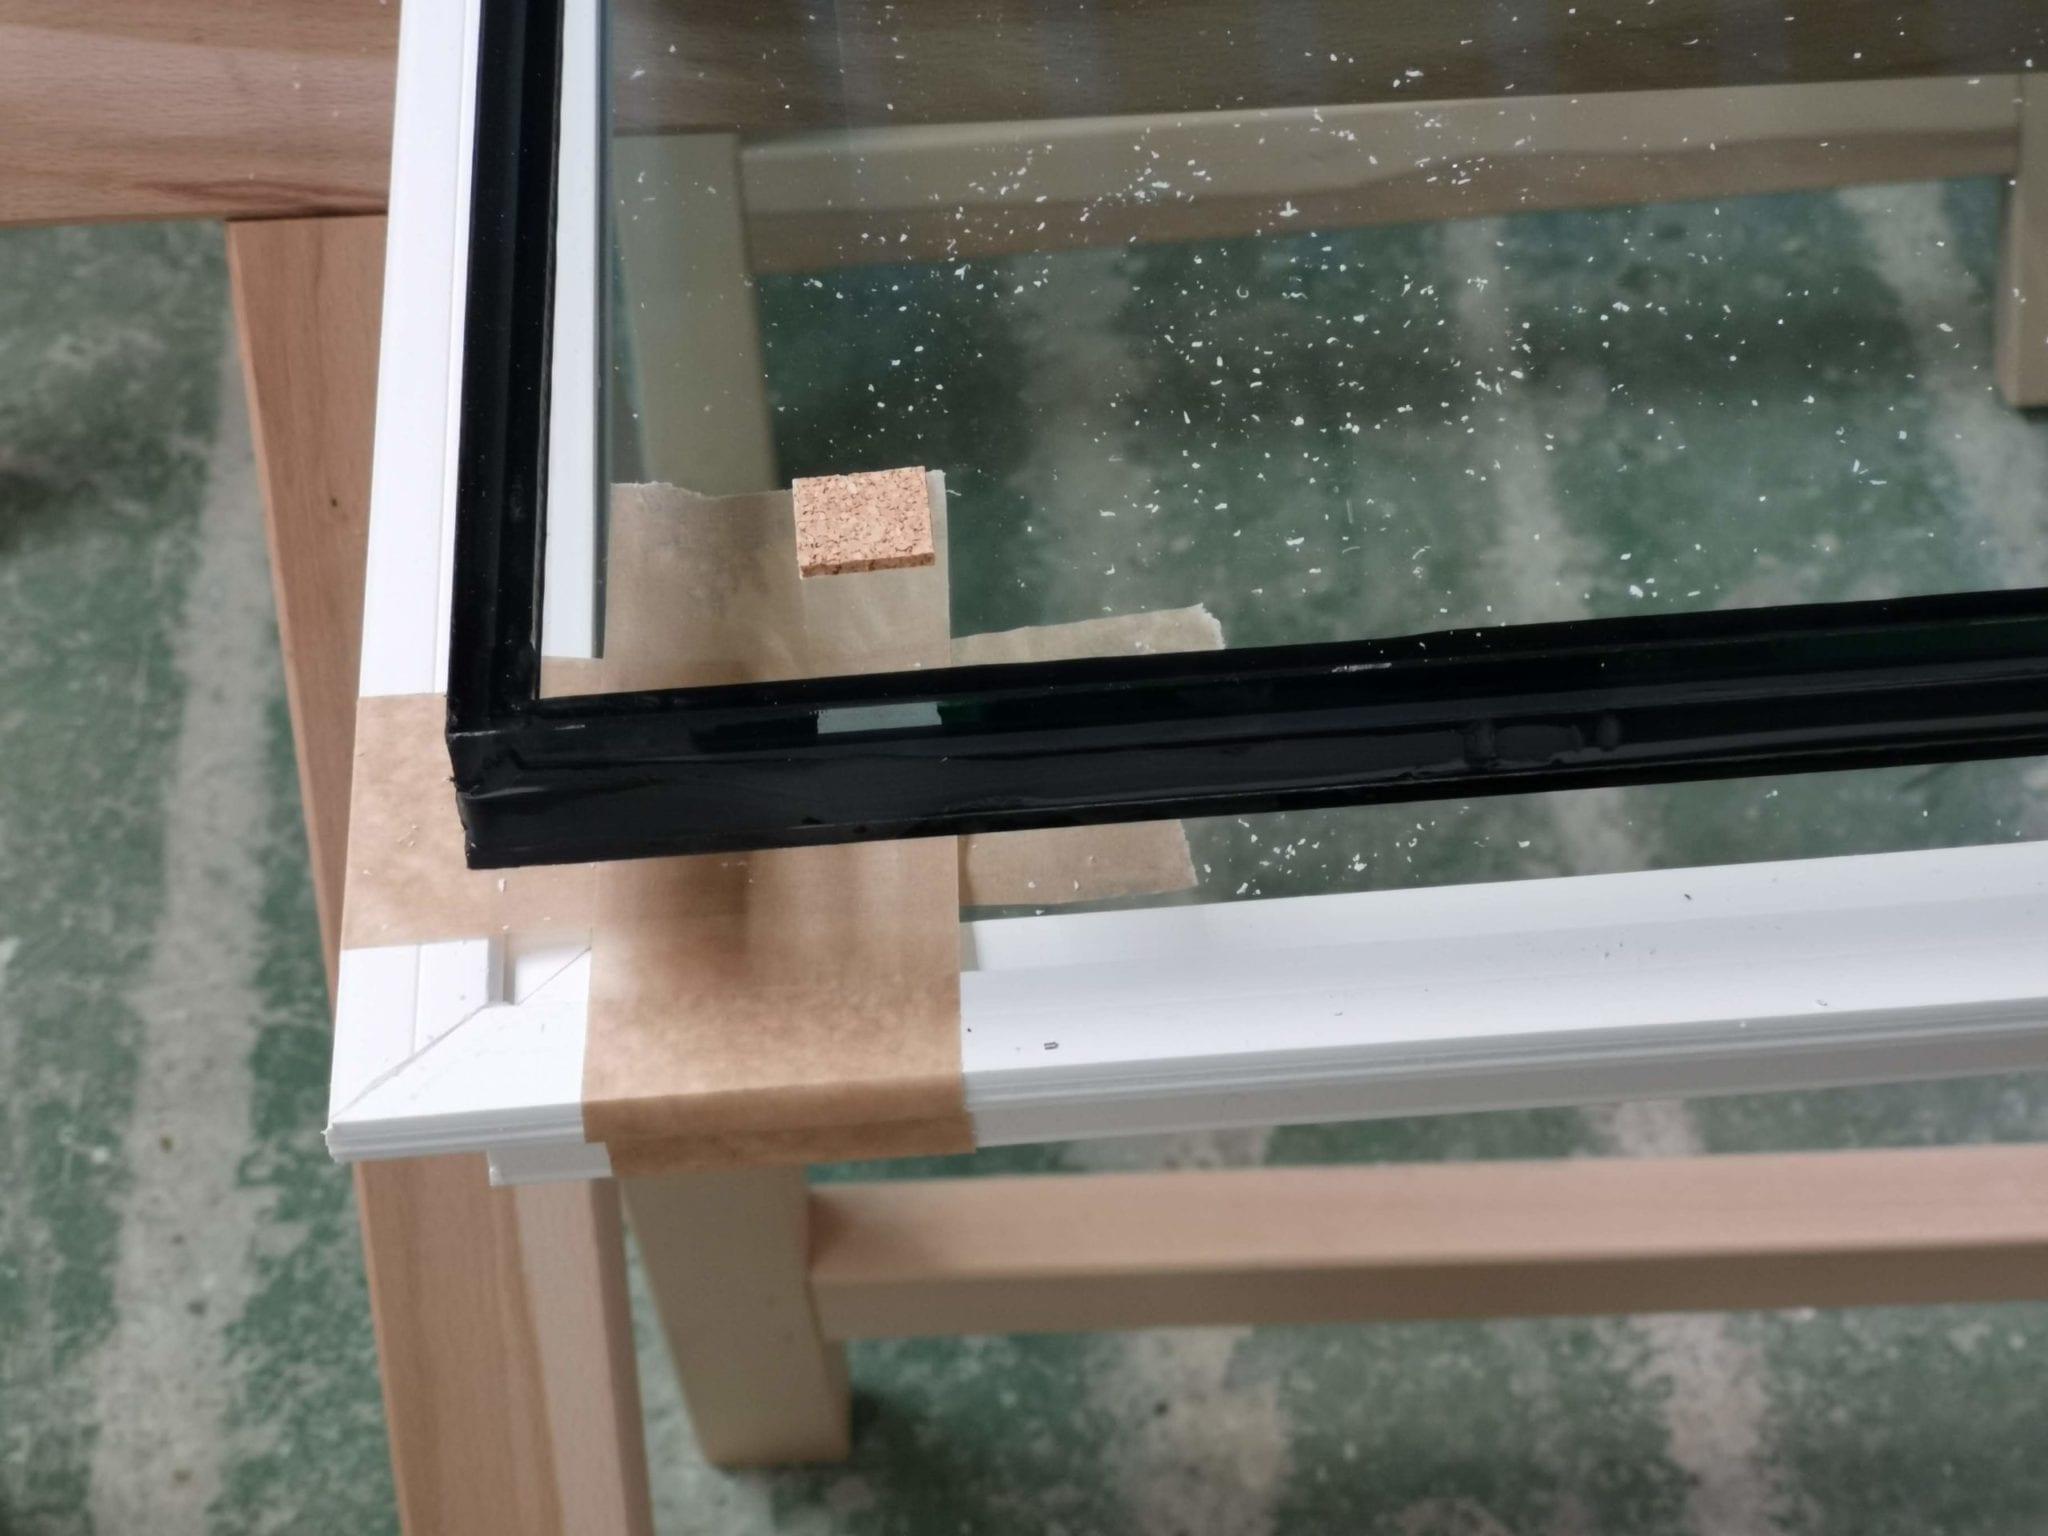 Rénovation de fenêtre sur bâti ancien : économique et bon pour la planète